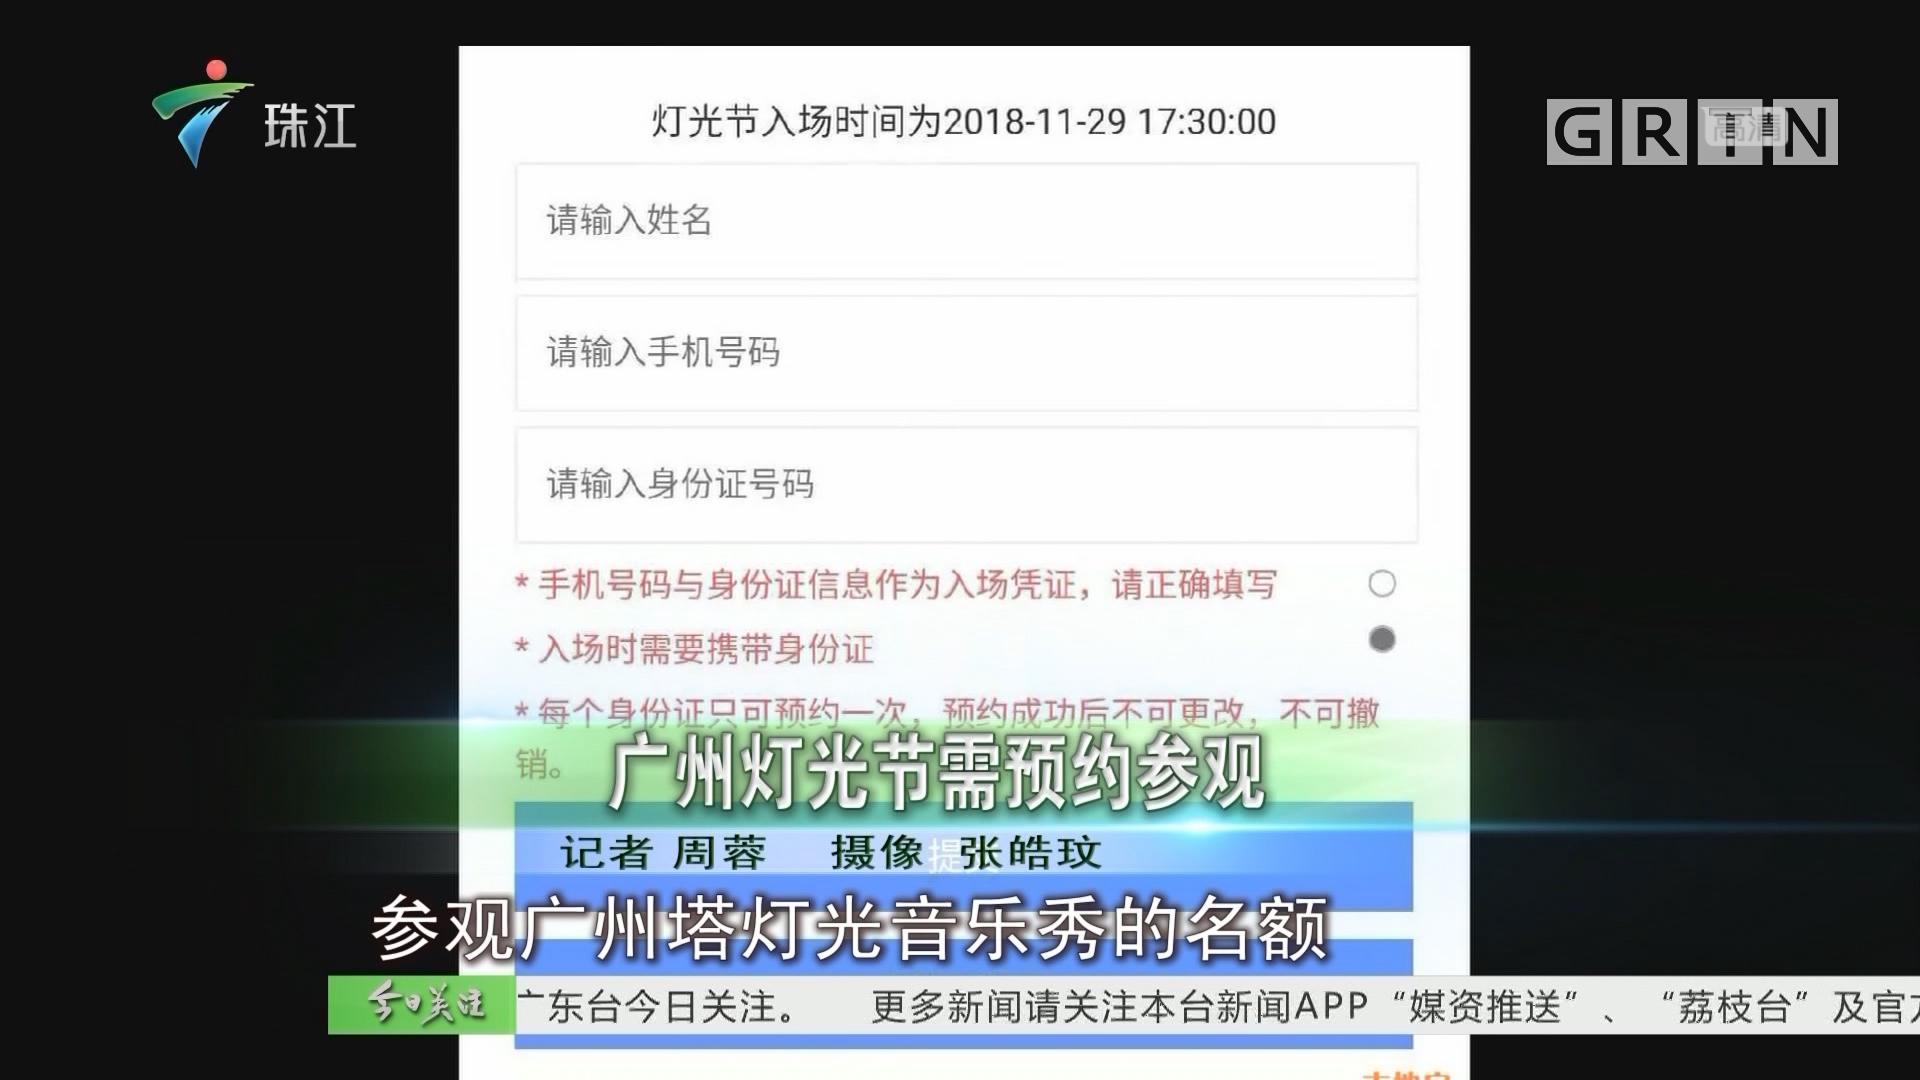 广州灯光节需预约参观